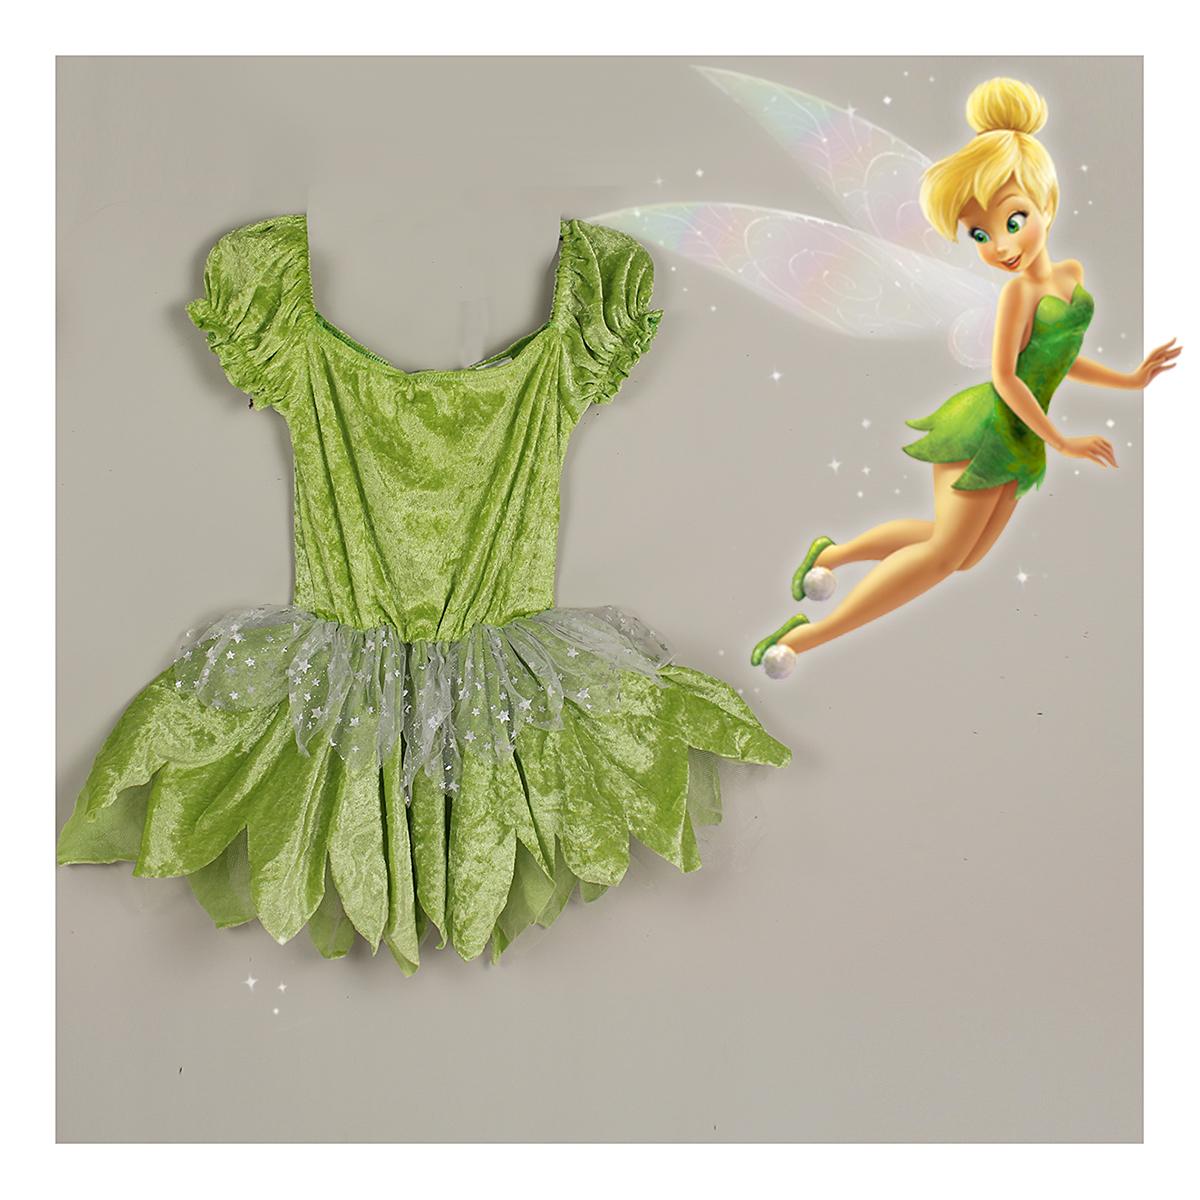 特特特价儿童女孩全丝绒绿色奇妙仙子小叮当花仙子精灵裙扮演包邮